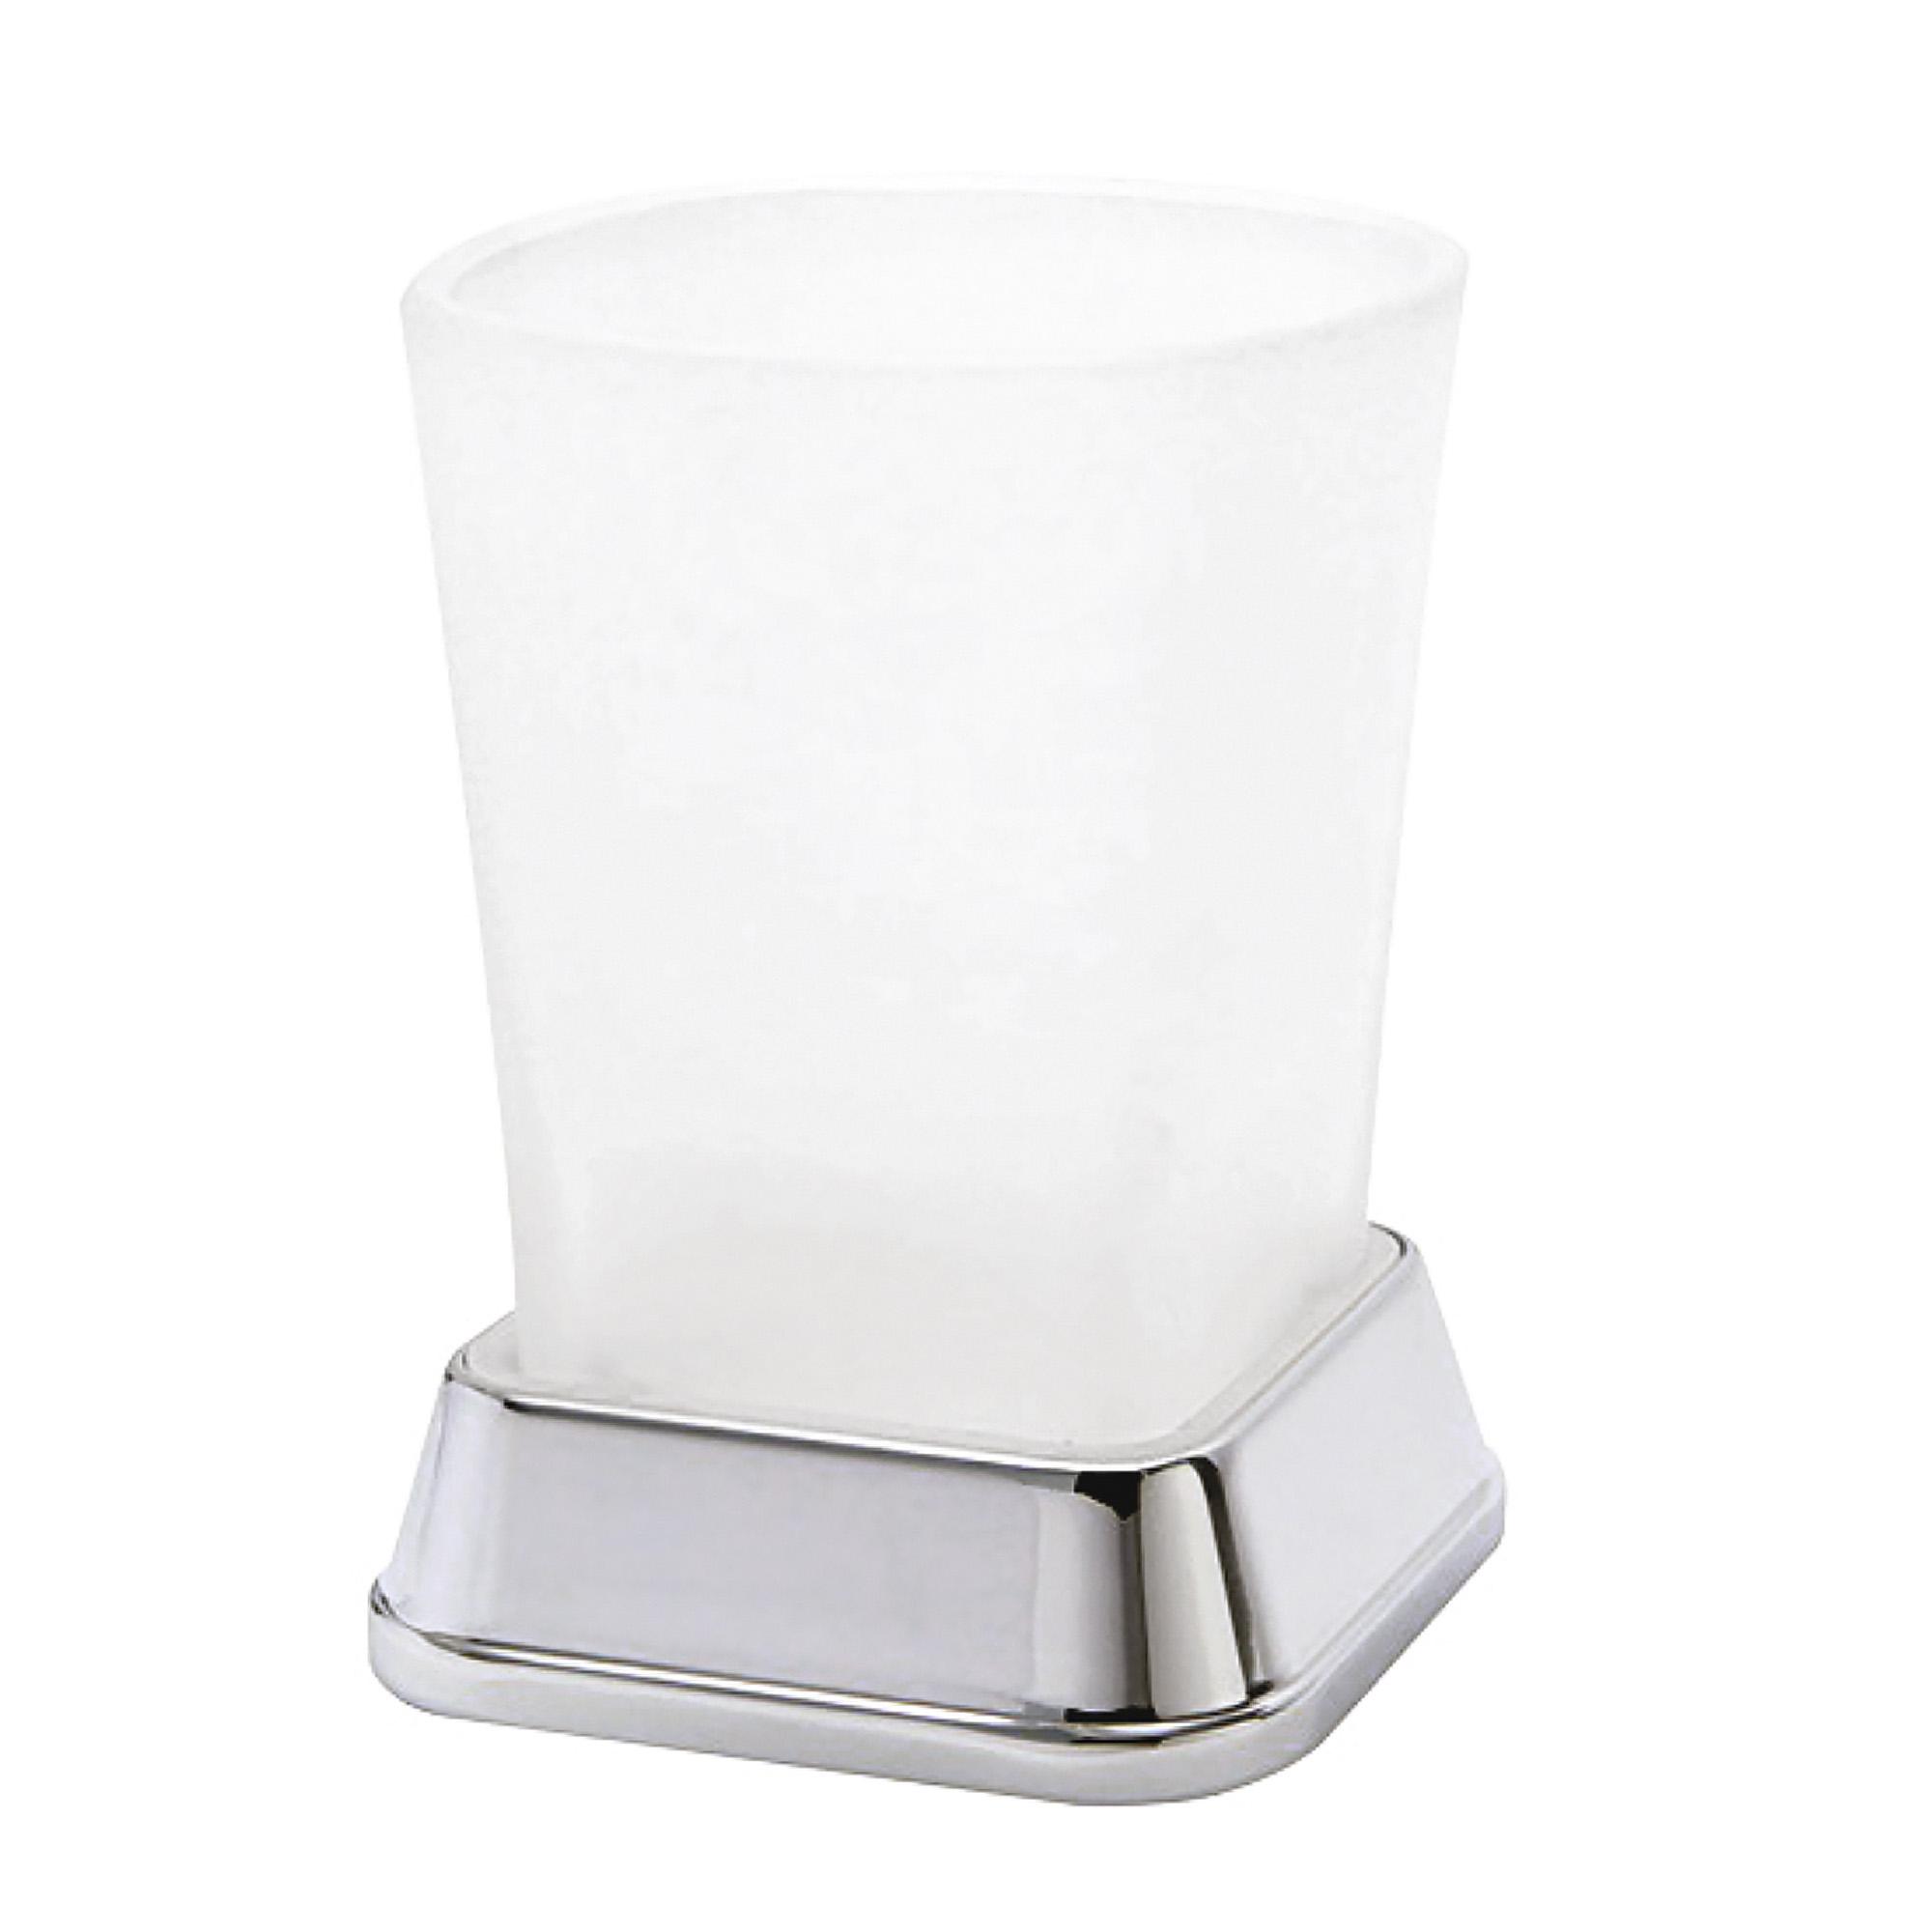 Стакан для зубных щеток K-5428 WasserKraft стакан для зубных щеток wasserkraft k 5028white